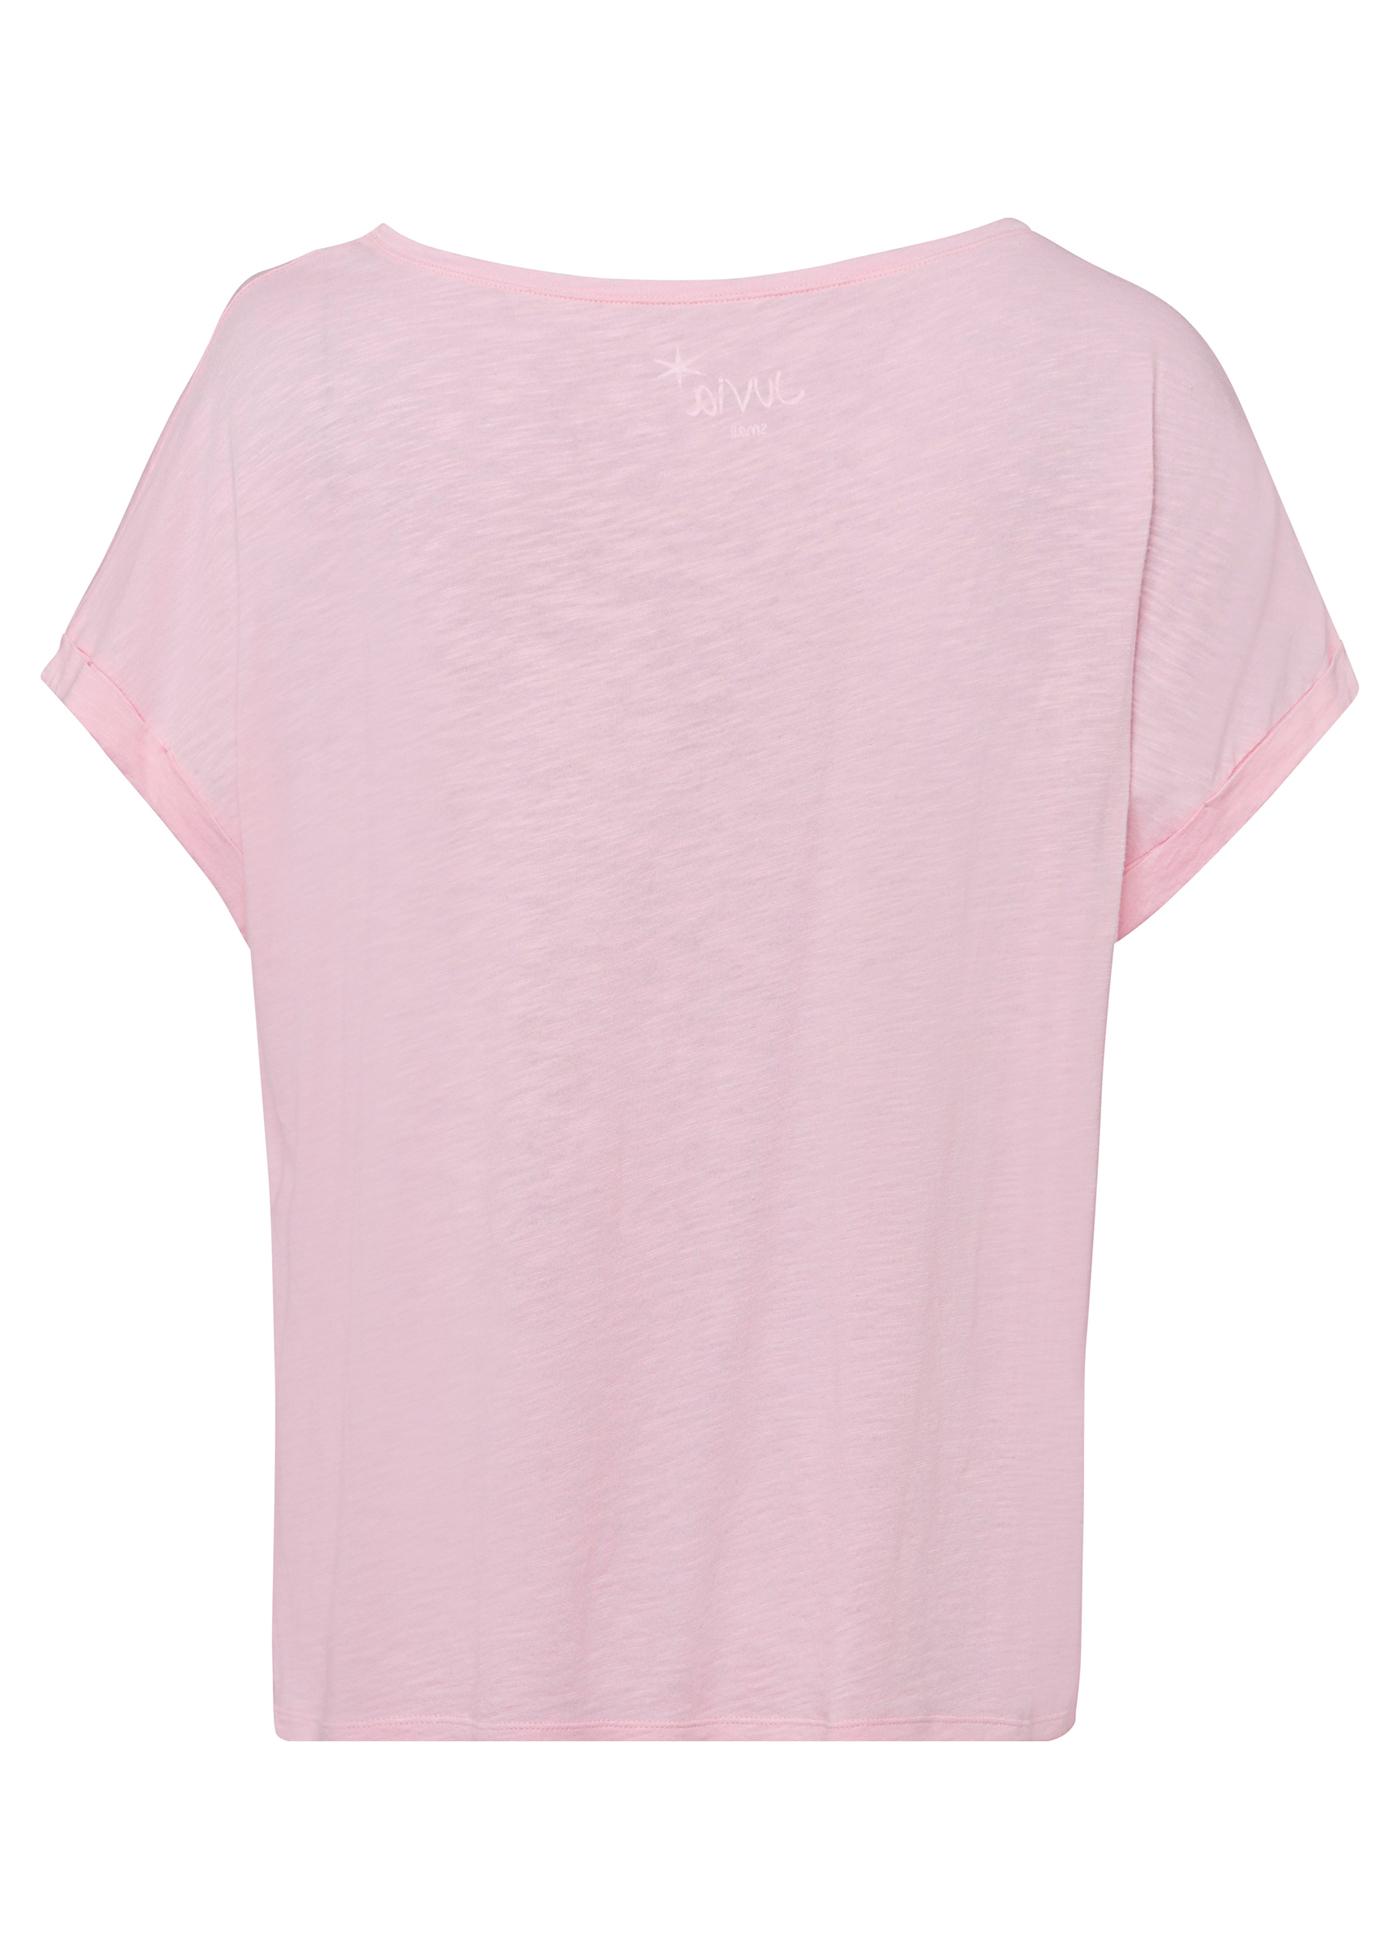 CO Slub Boxy Shirt image number 1